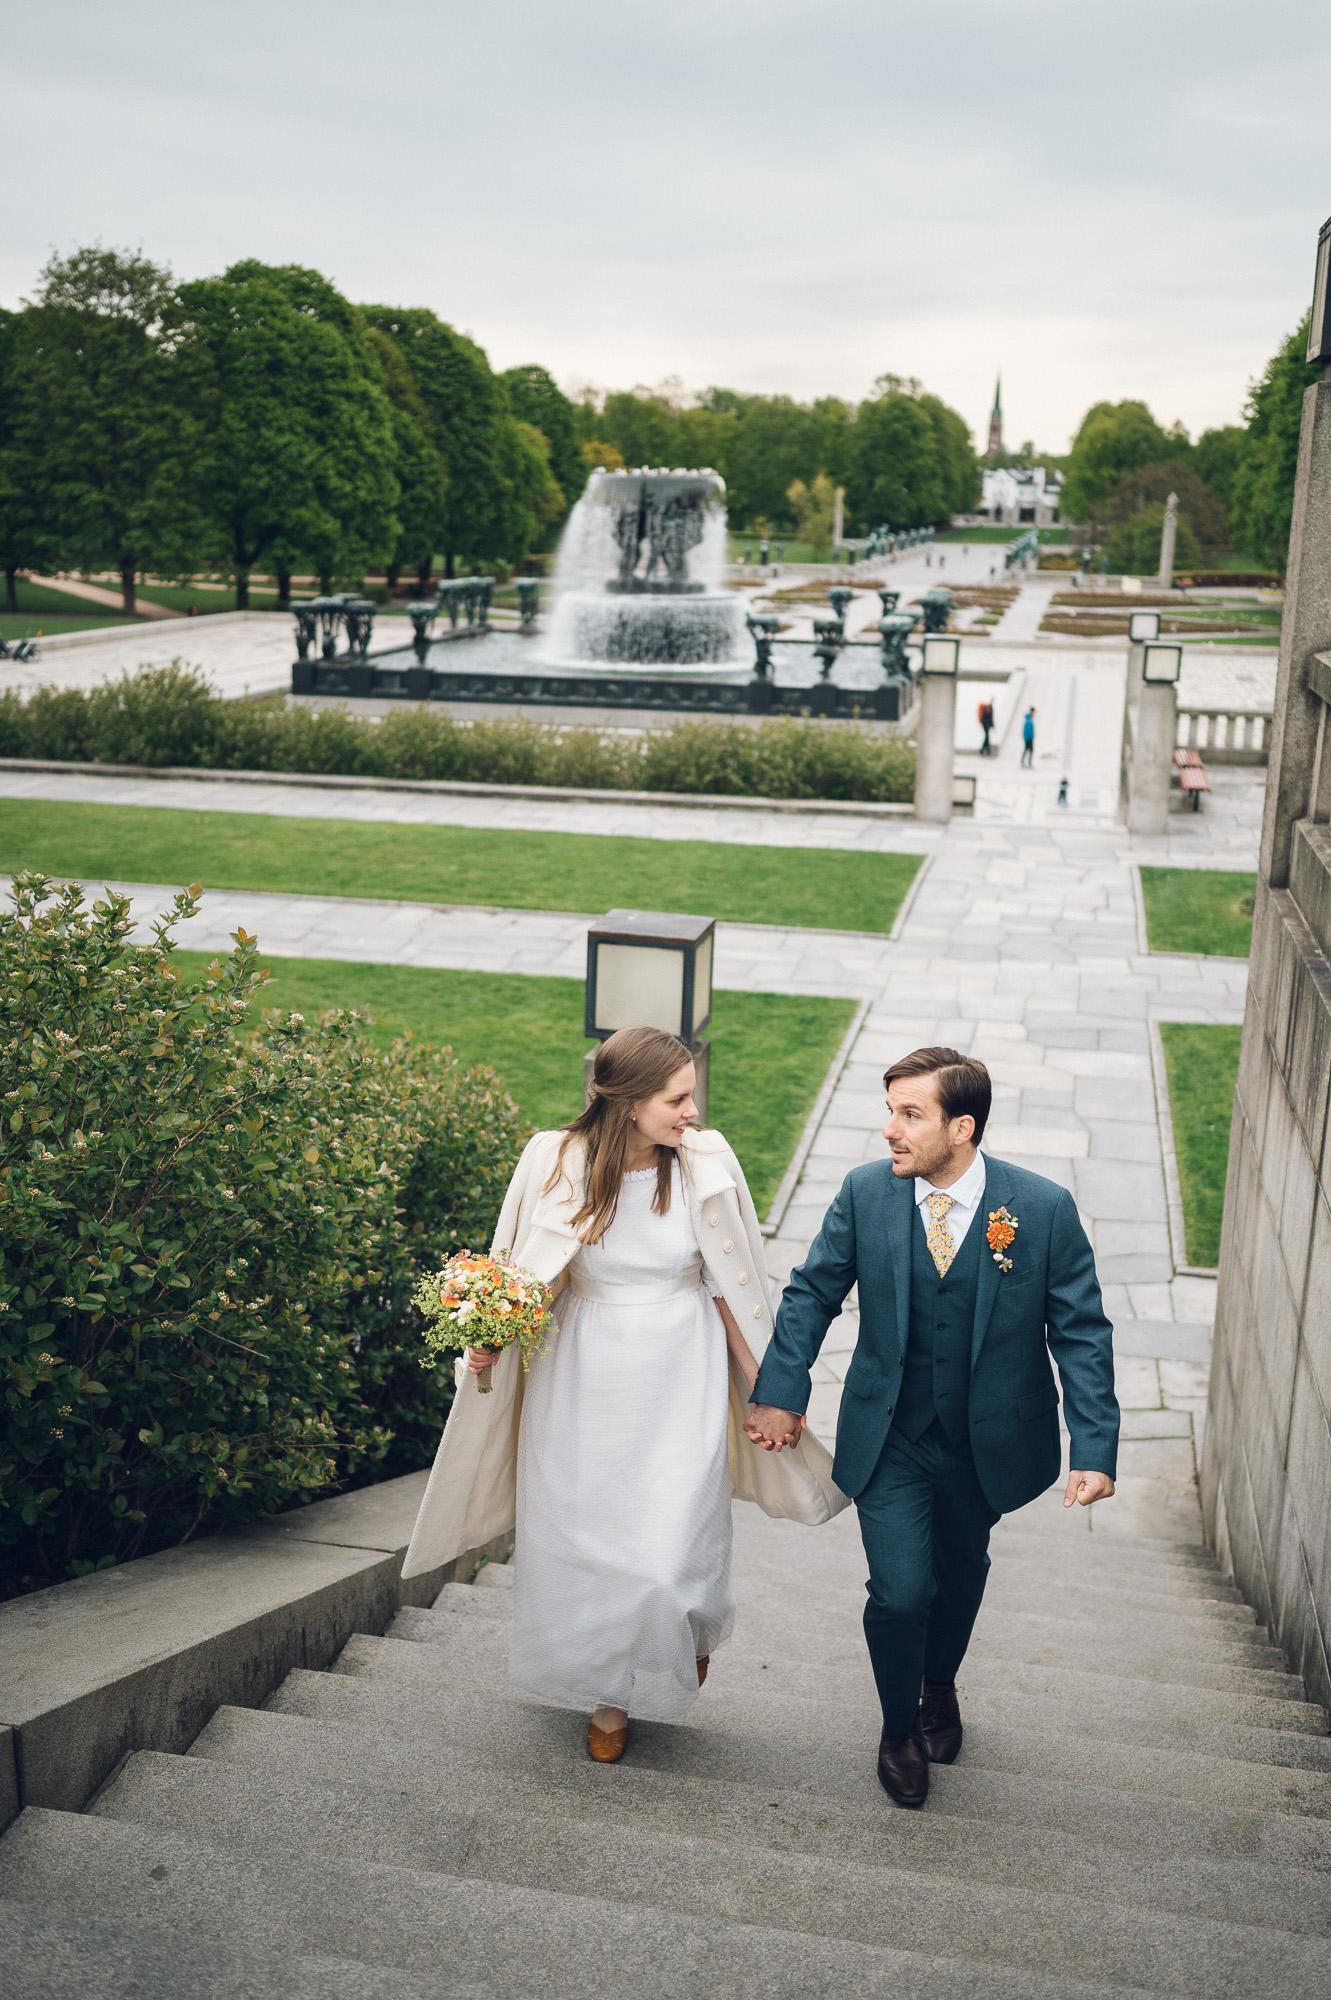 Bryllupsfoto av brud og brudgom. De går opp trappene i Frognerparken.